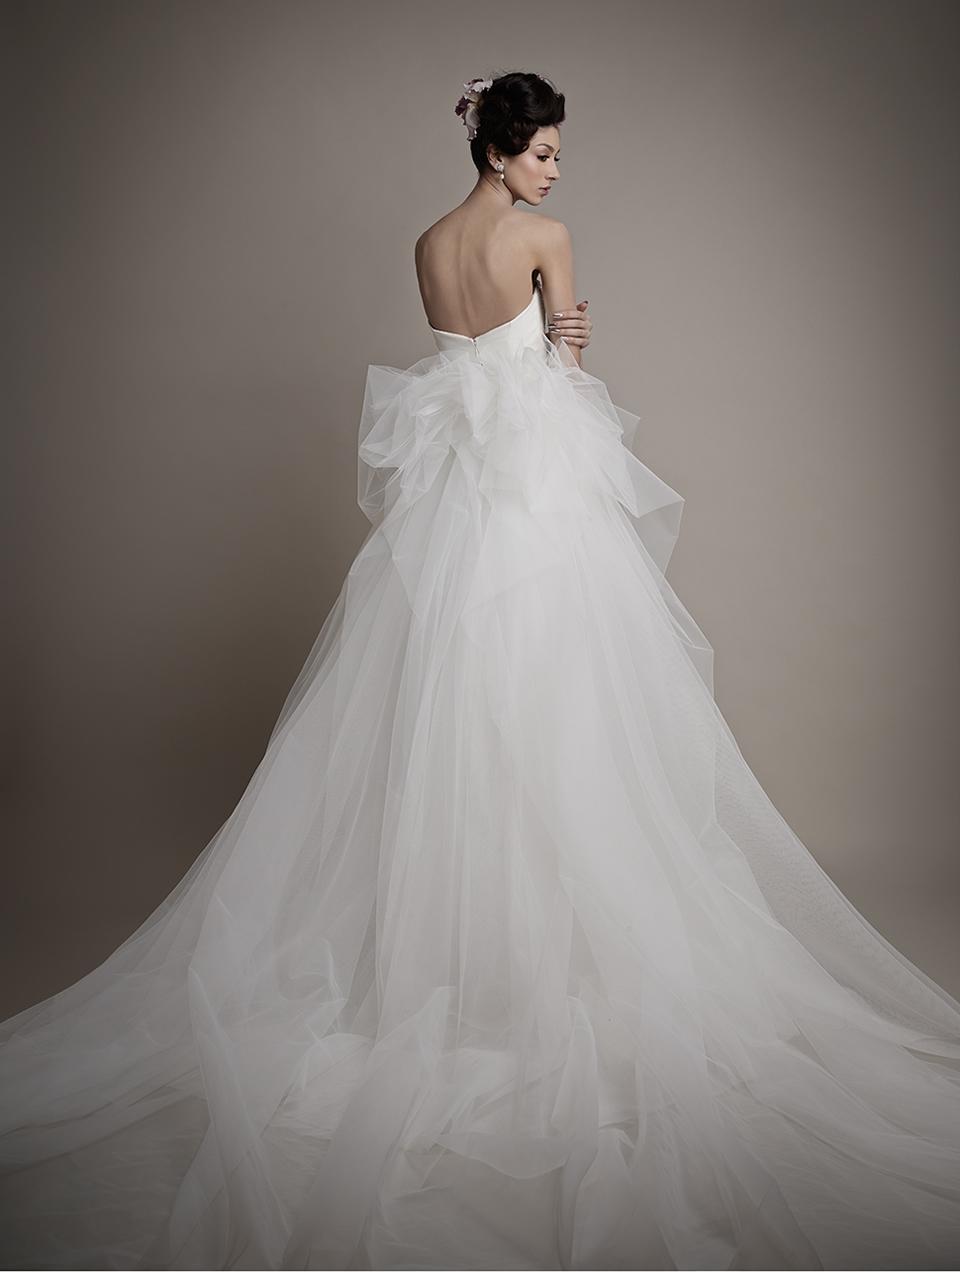 Коллекция свадебных платьев 2015 года от Ersa Atelier10-1